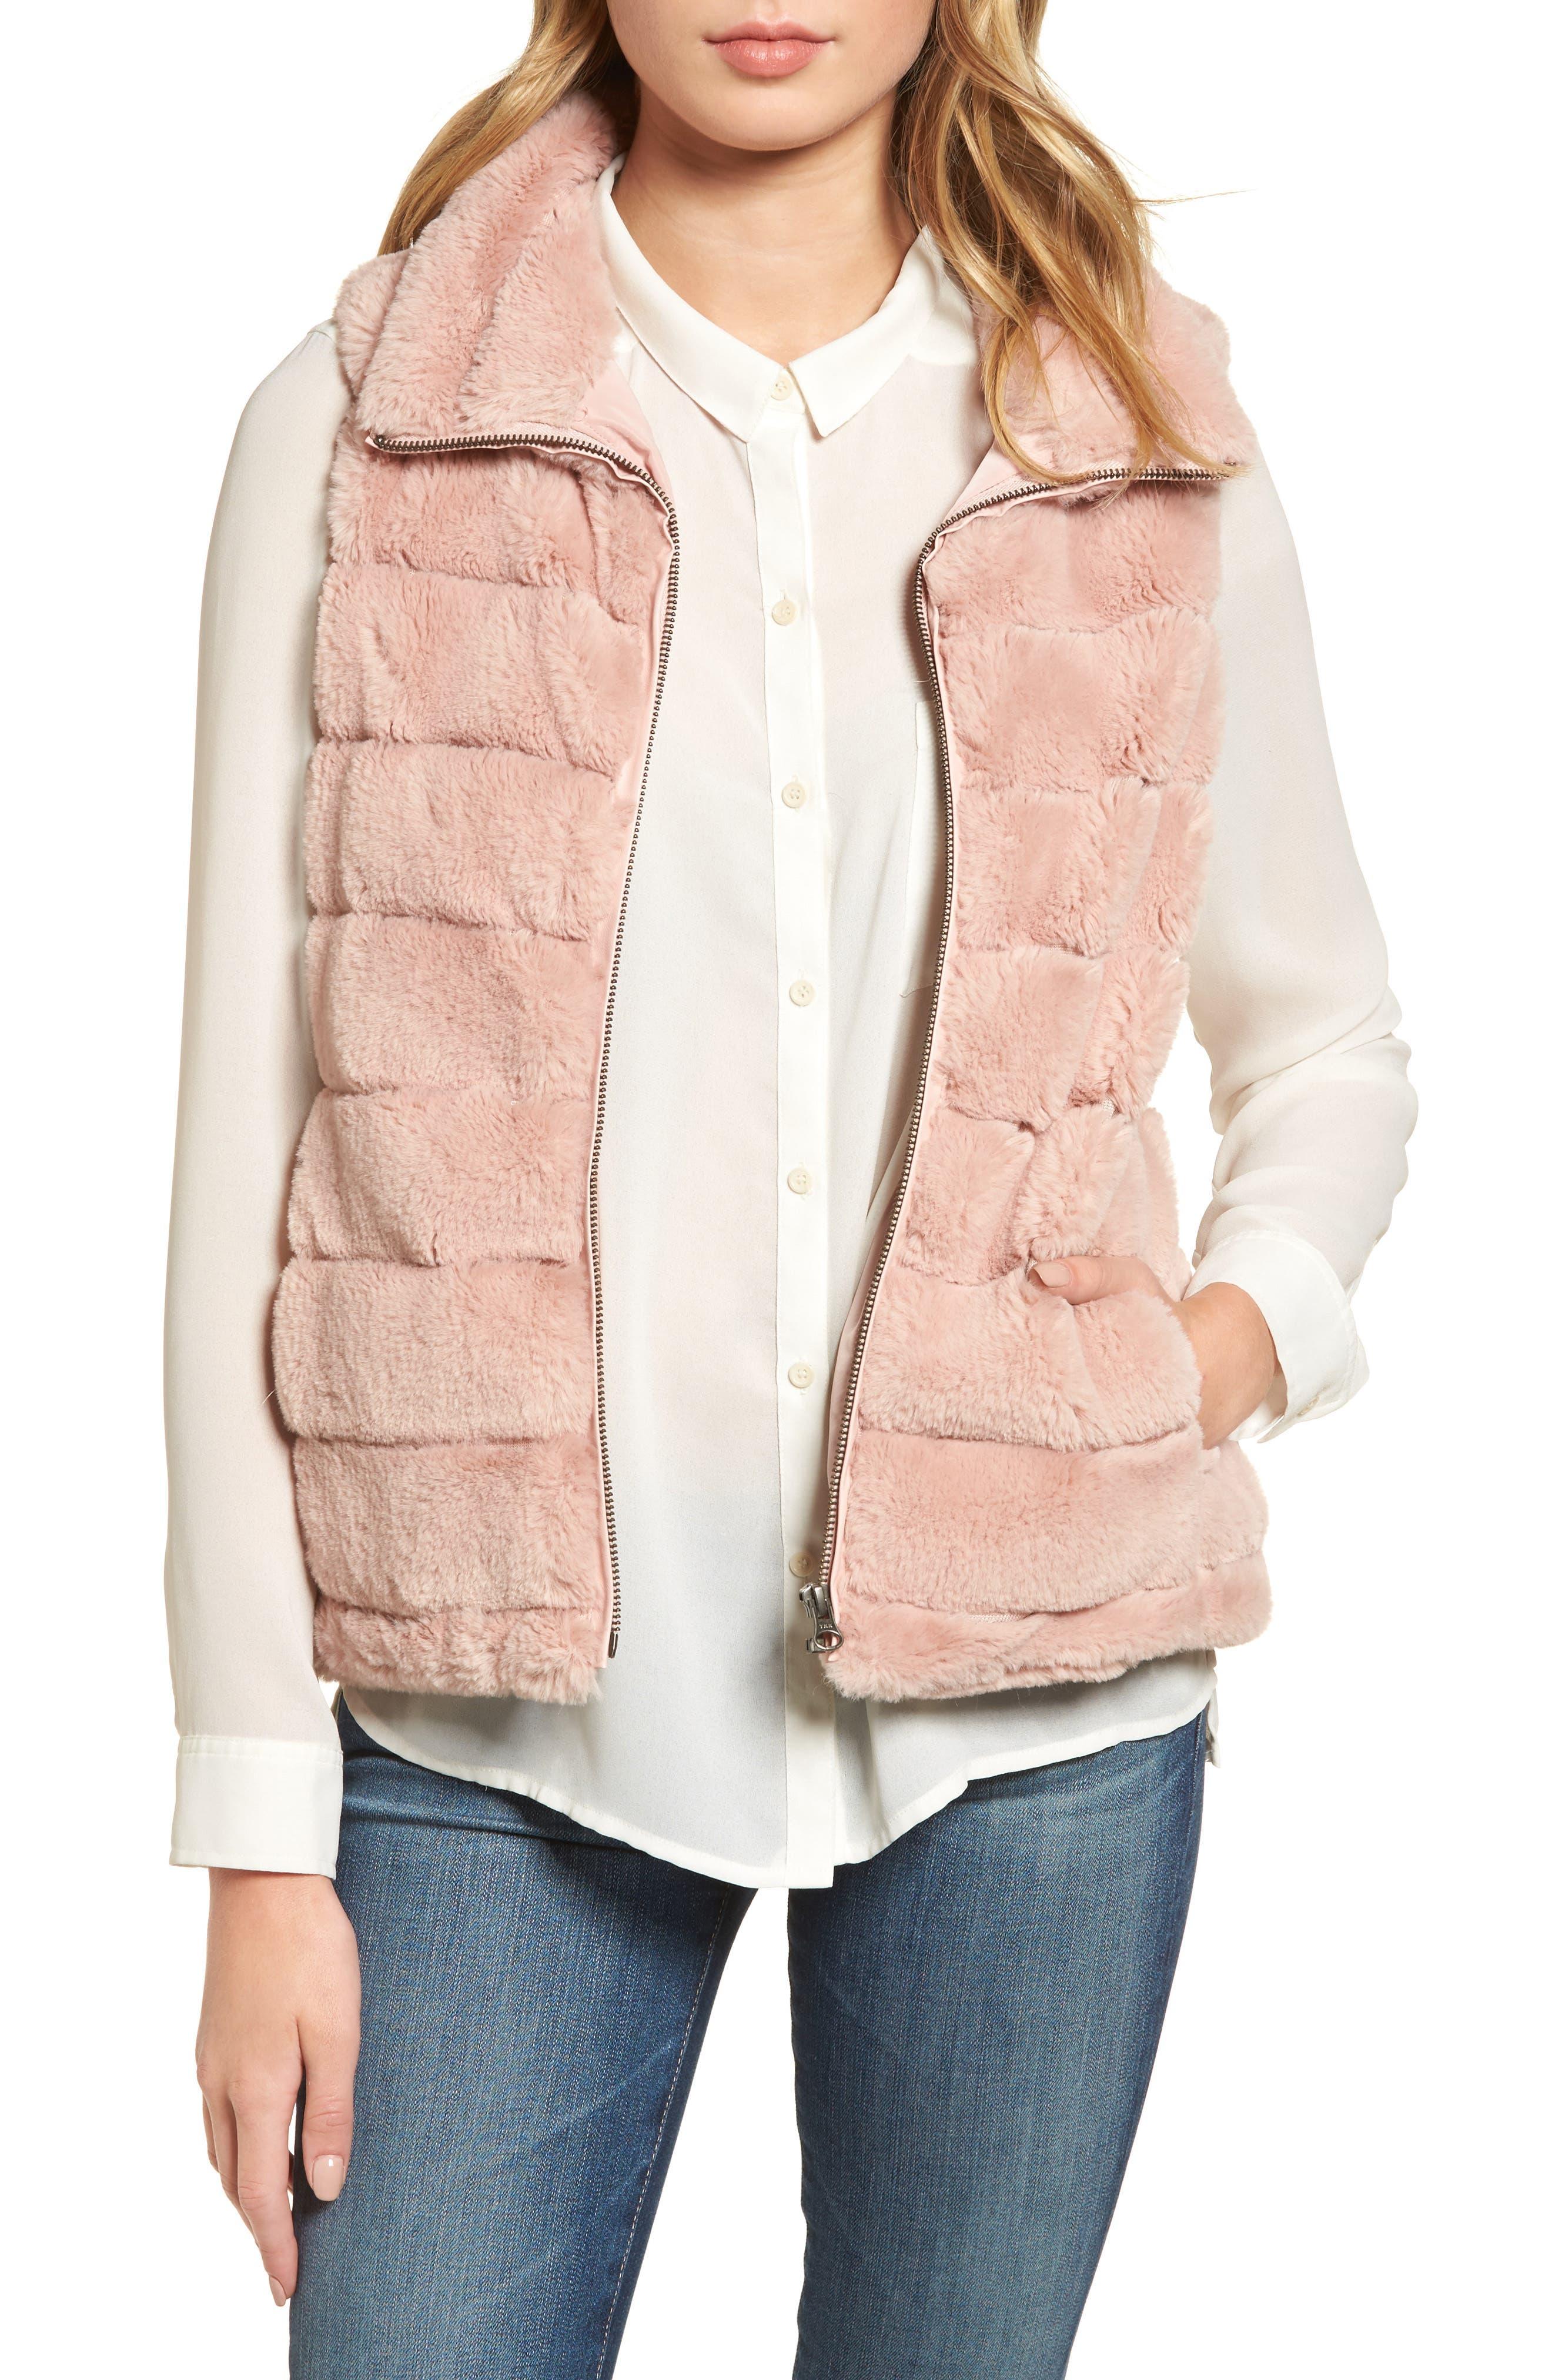 Alternate Image 1 Selected - Dylan Love Faux Fur Vest